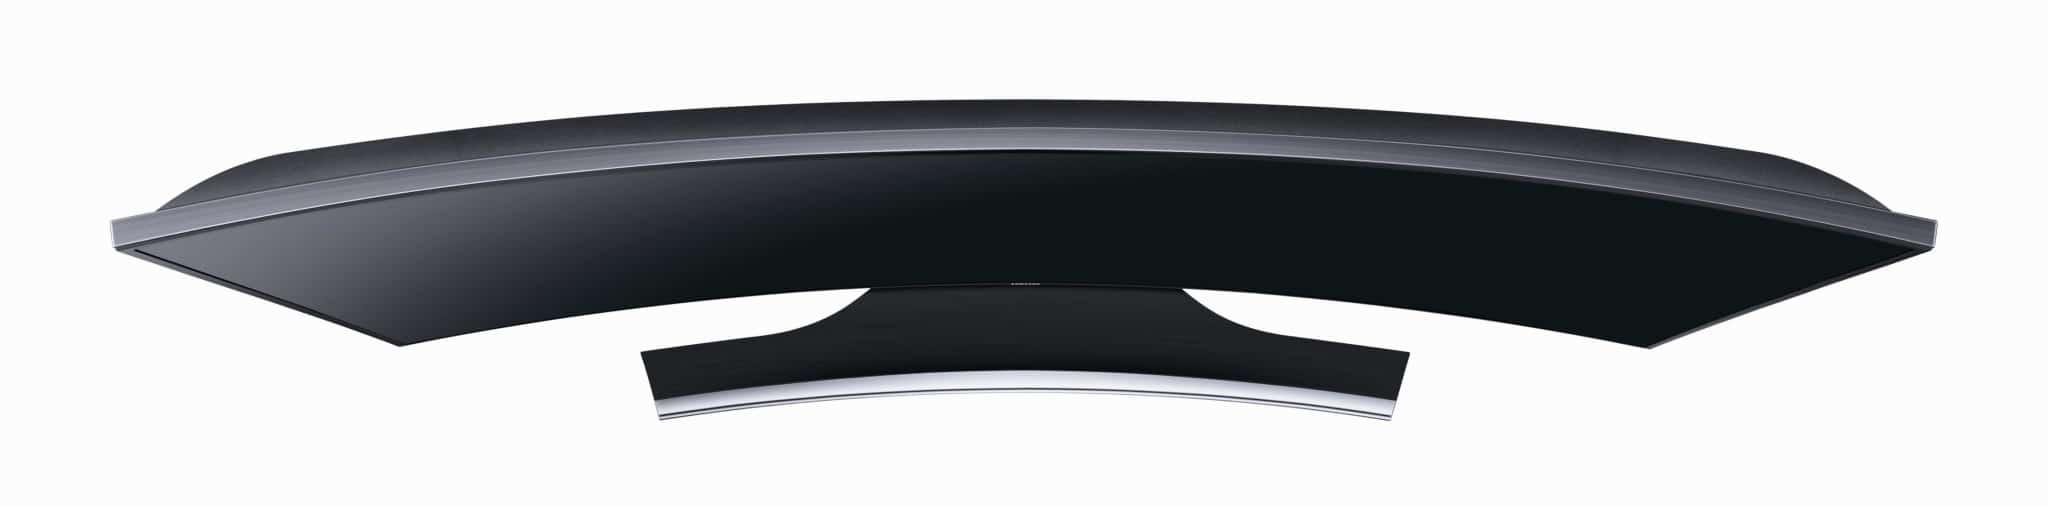 samsung hu7200 curved 4k tv. Black Bedroom Furniture Sets. Home Design Ideas